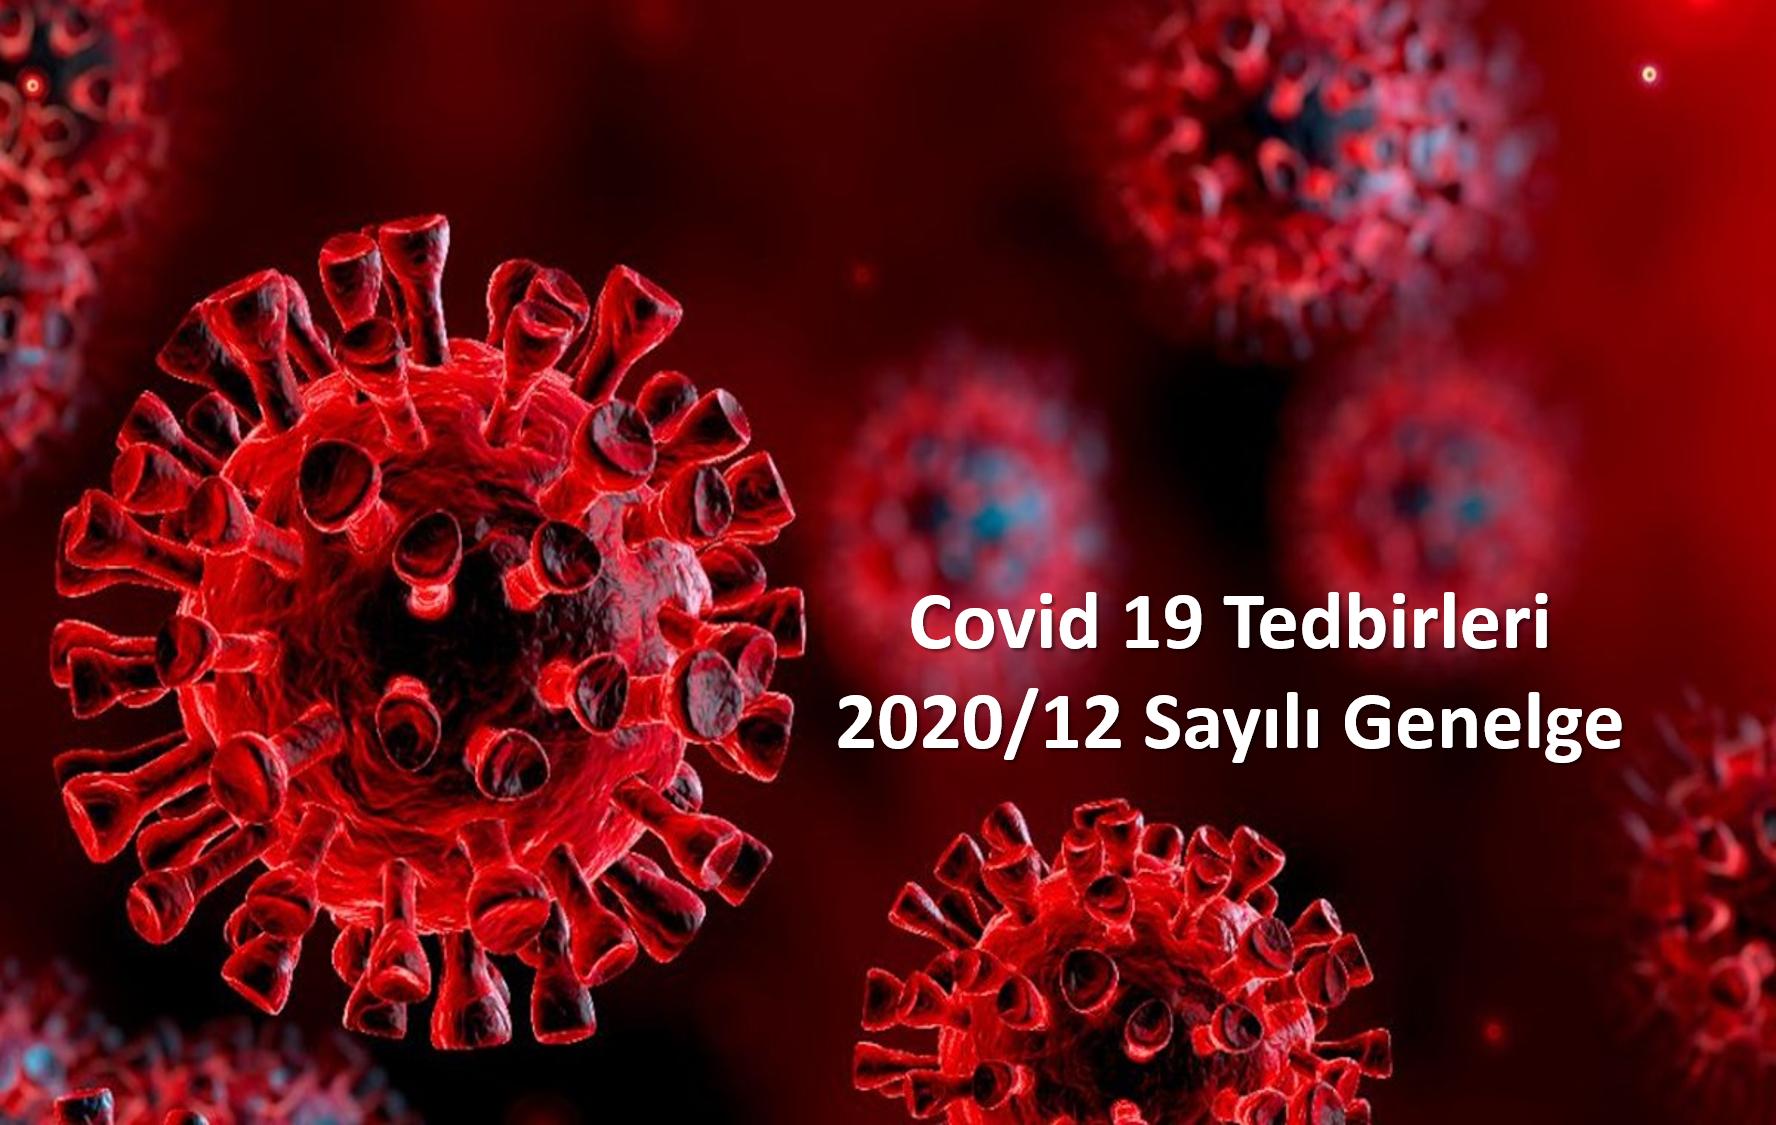 COVİD 19 TEDBİRLERİ KAPSAMINDA 2020/12 SAYILI GENELGE YAYIMLANDI